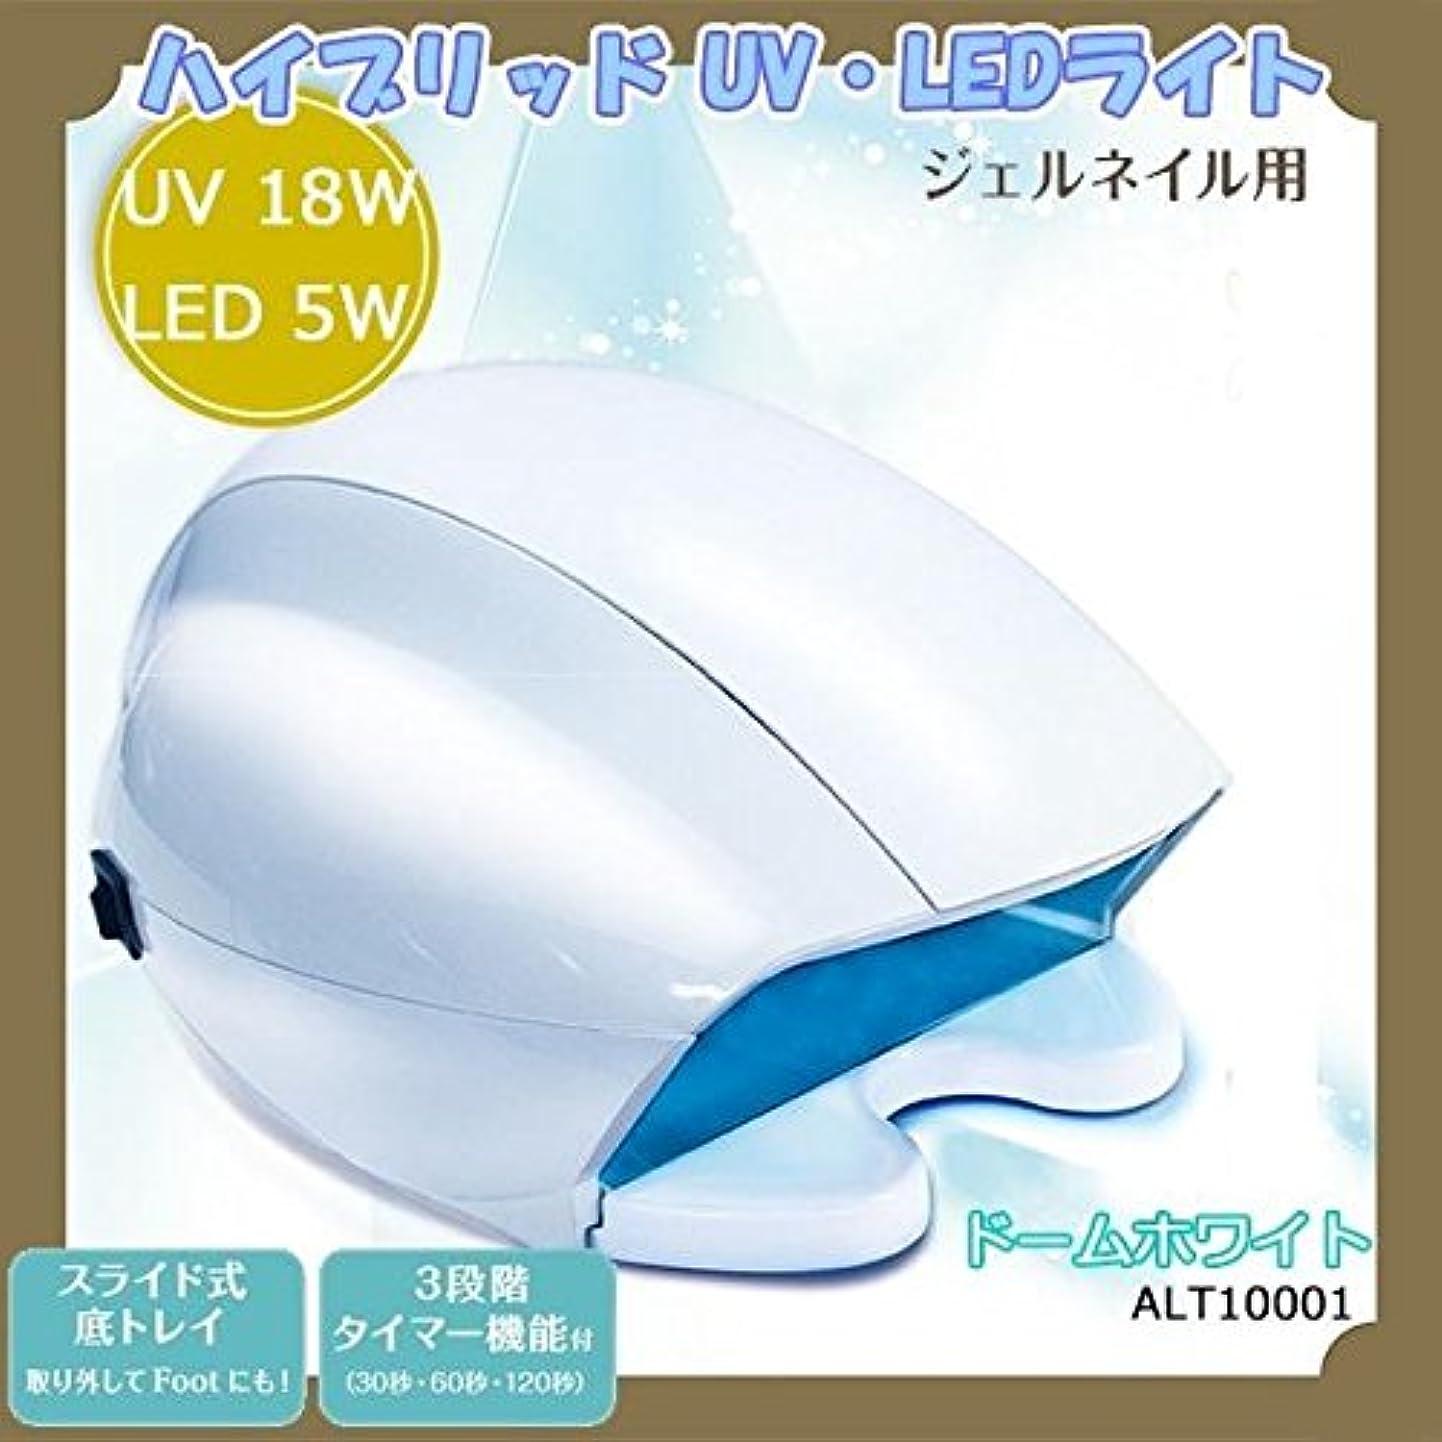 テーブル仮称留め金ビューティーワールド ジェルネイル用 ハイブリッド UV?LEDライト ドームホワイト ALT10001